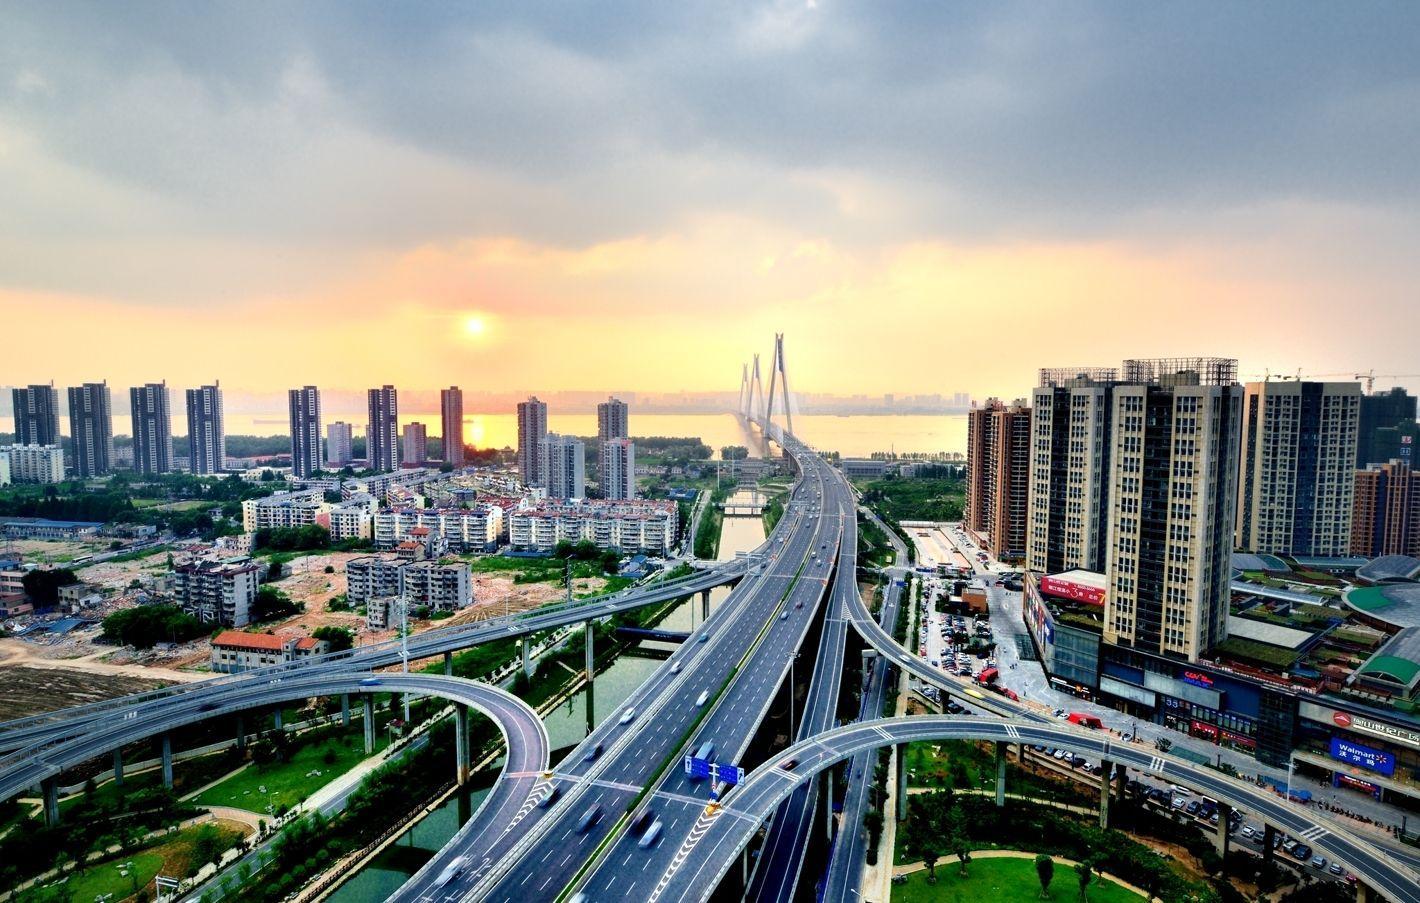 杭州,青岛,成都,武汉,谁才是新一线城市?